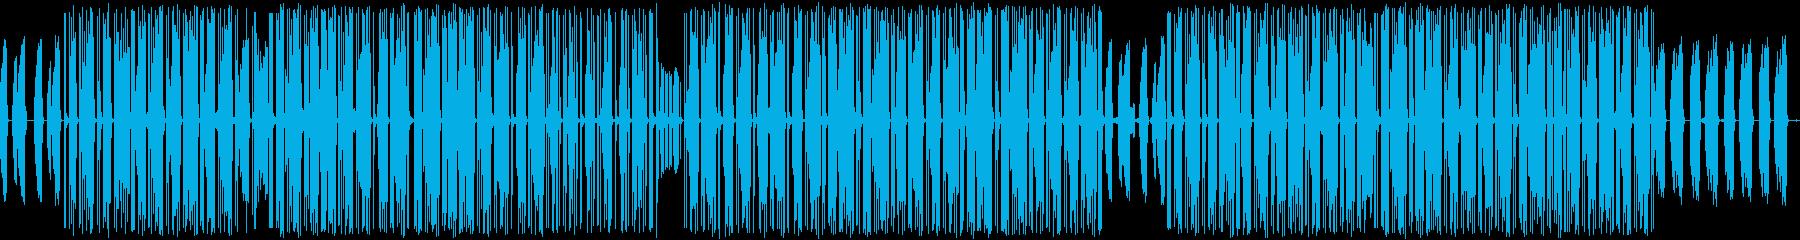 虫たちがダンスしているイメージの曲です。の再生済みの波形